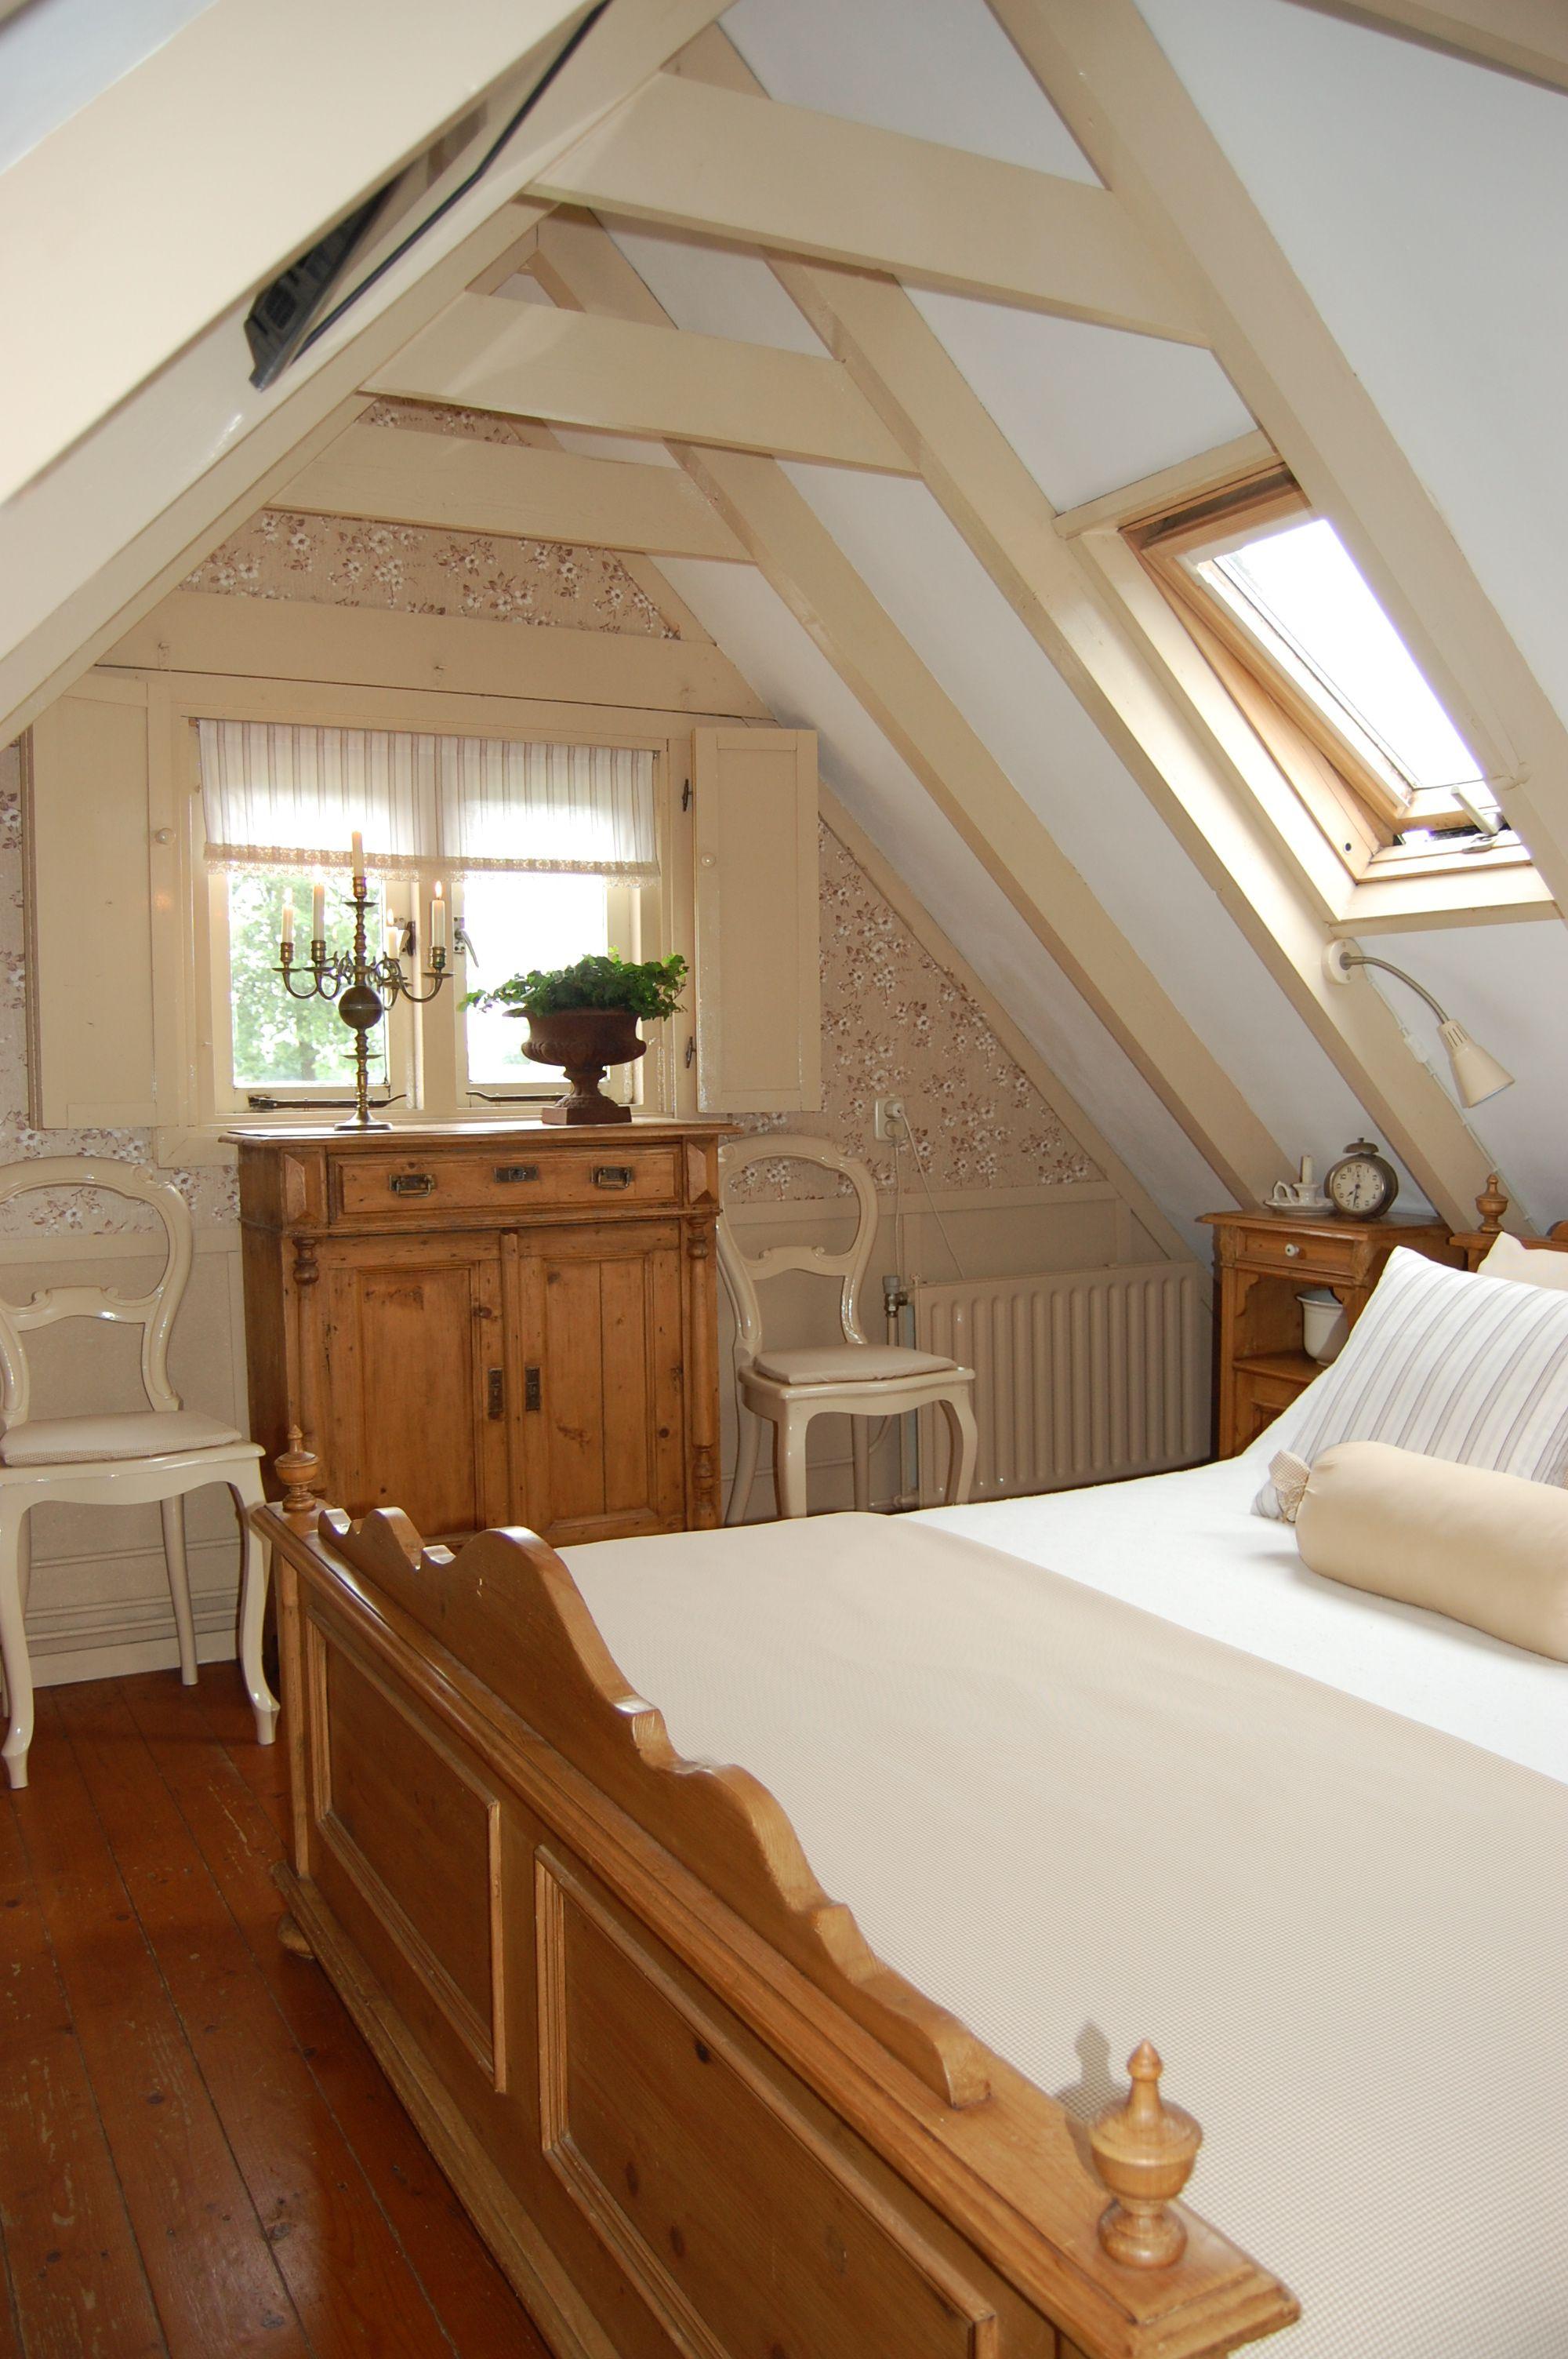 Onze brocante landelijke slaapkamer.., | tina\'s brocante 1848 ...